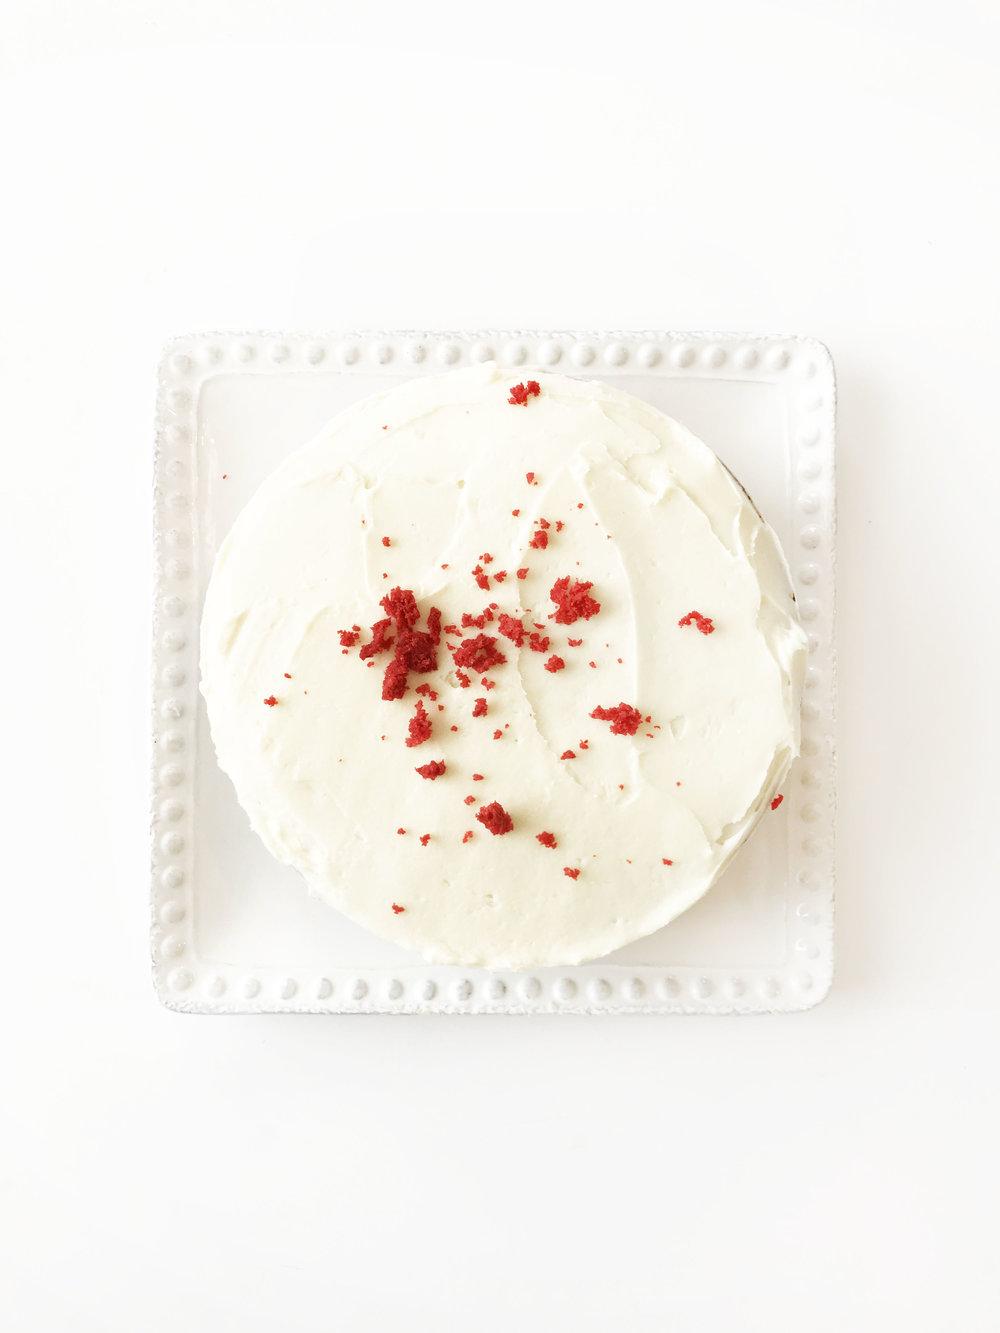 red-velvet-cake14.jpg